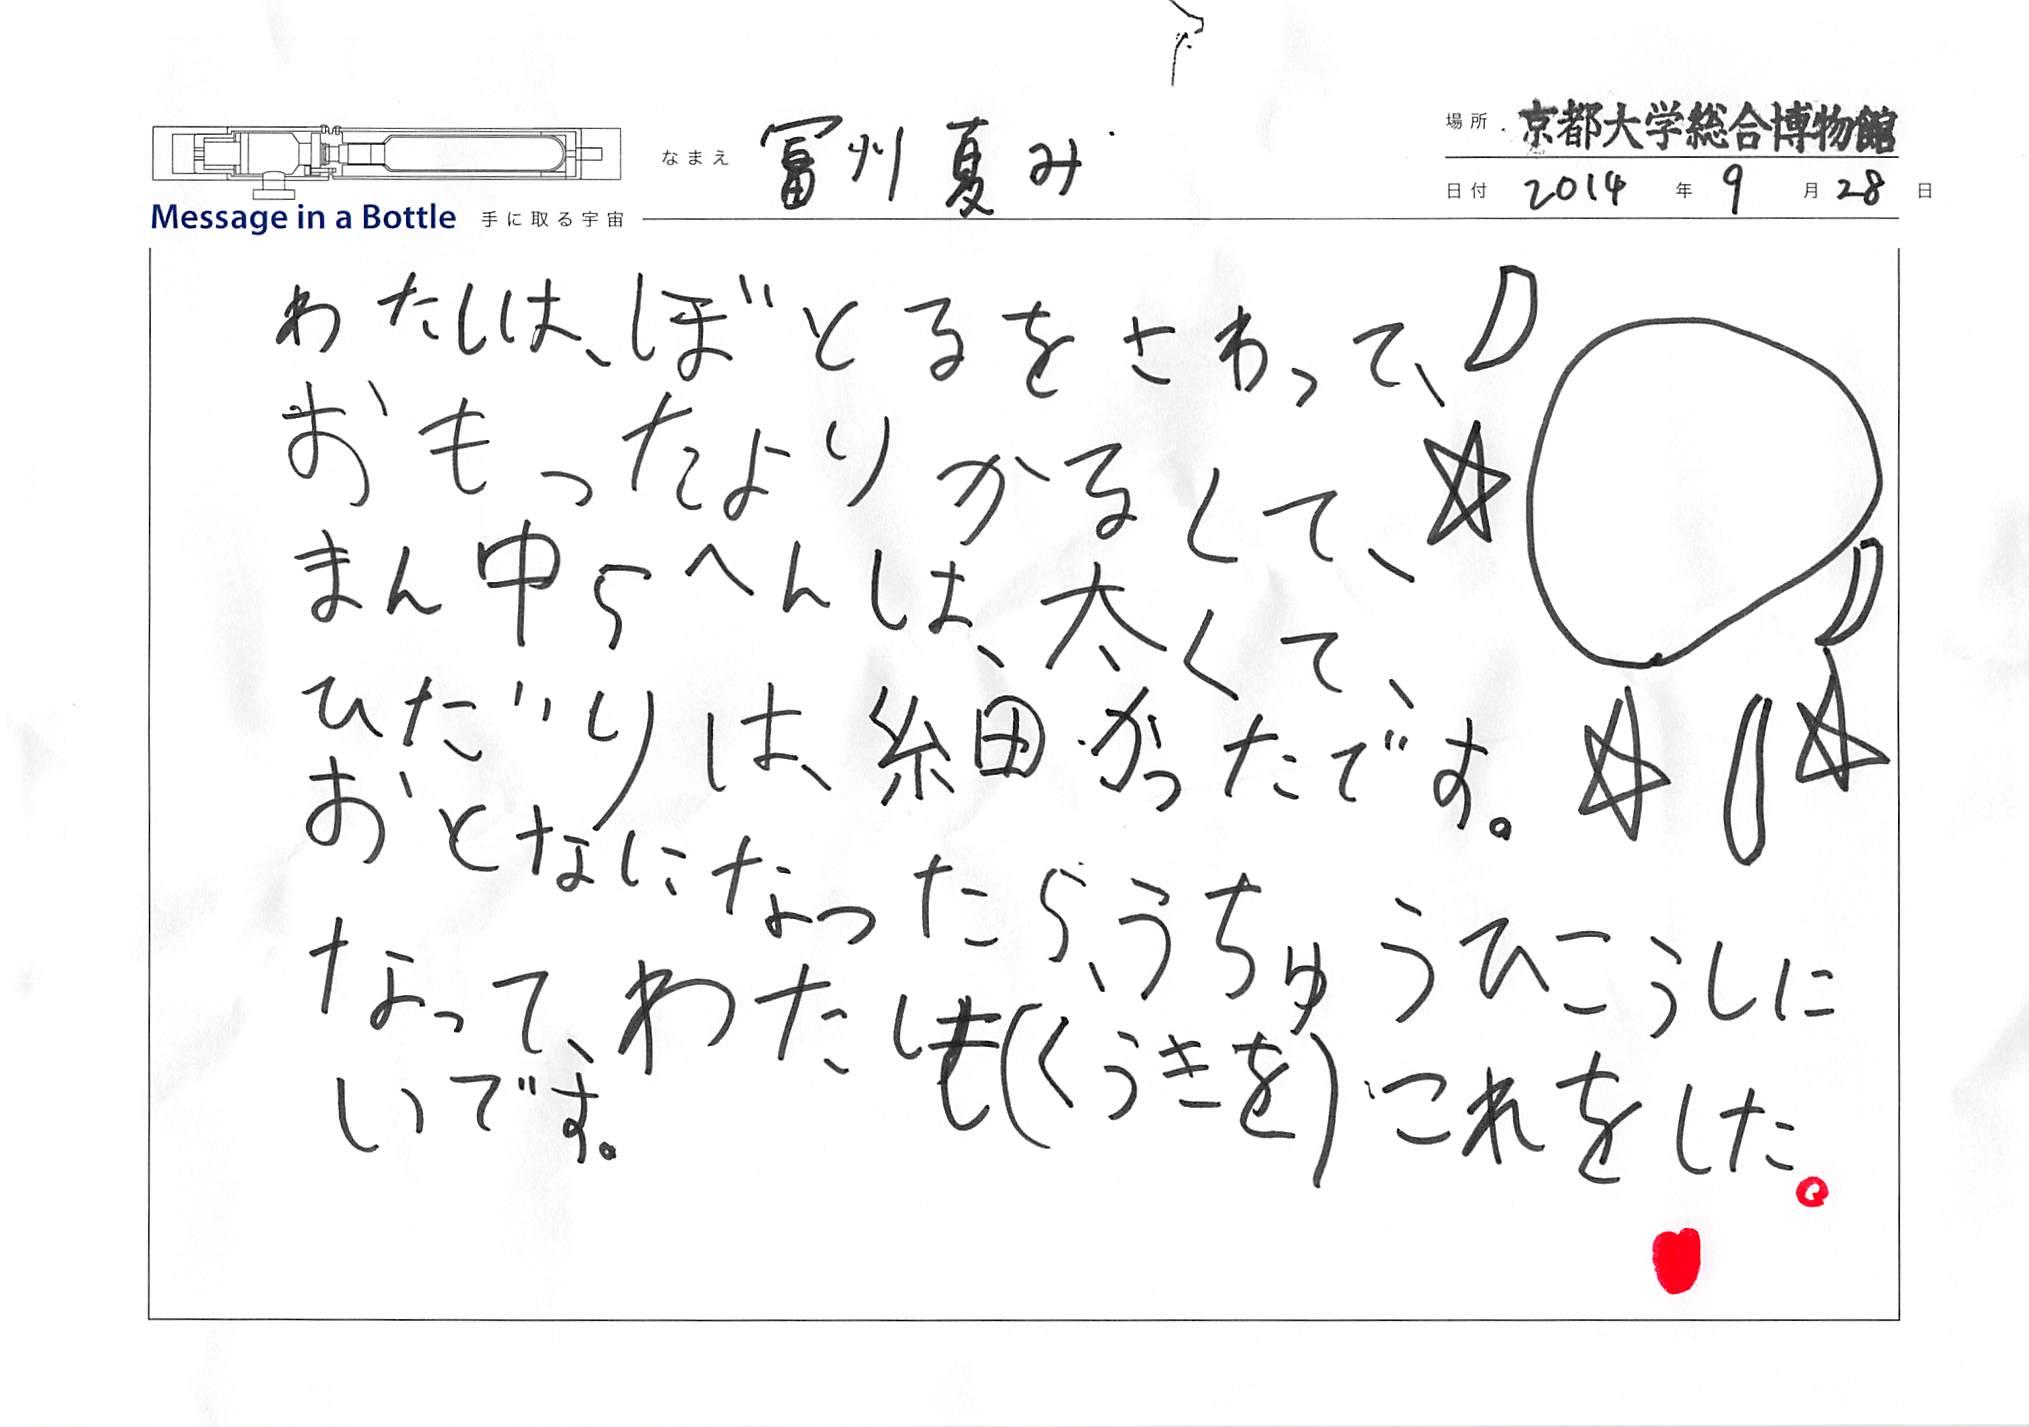 2014-09-28-16-22-02.jpg